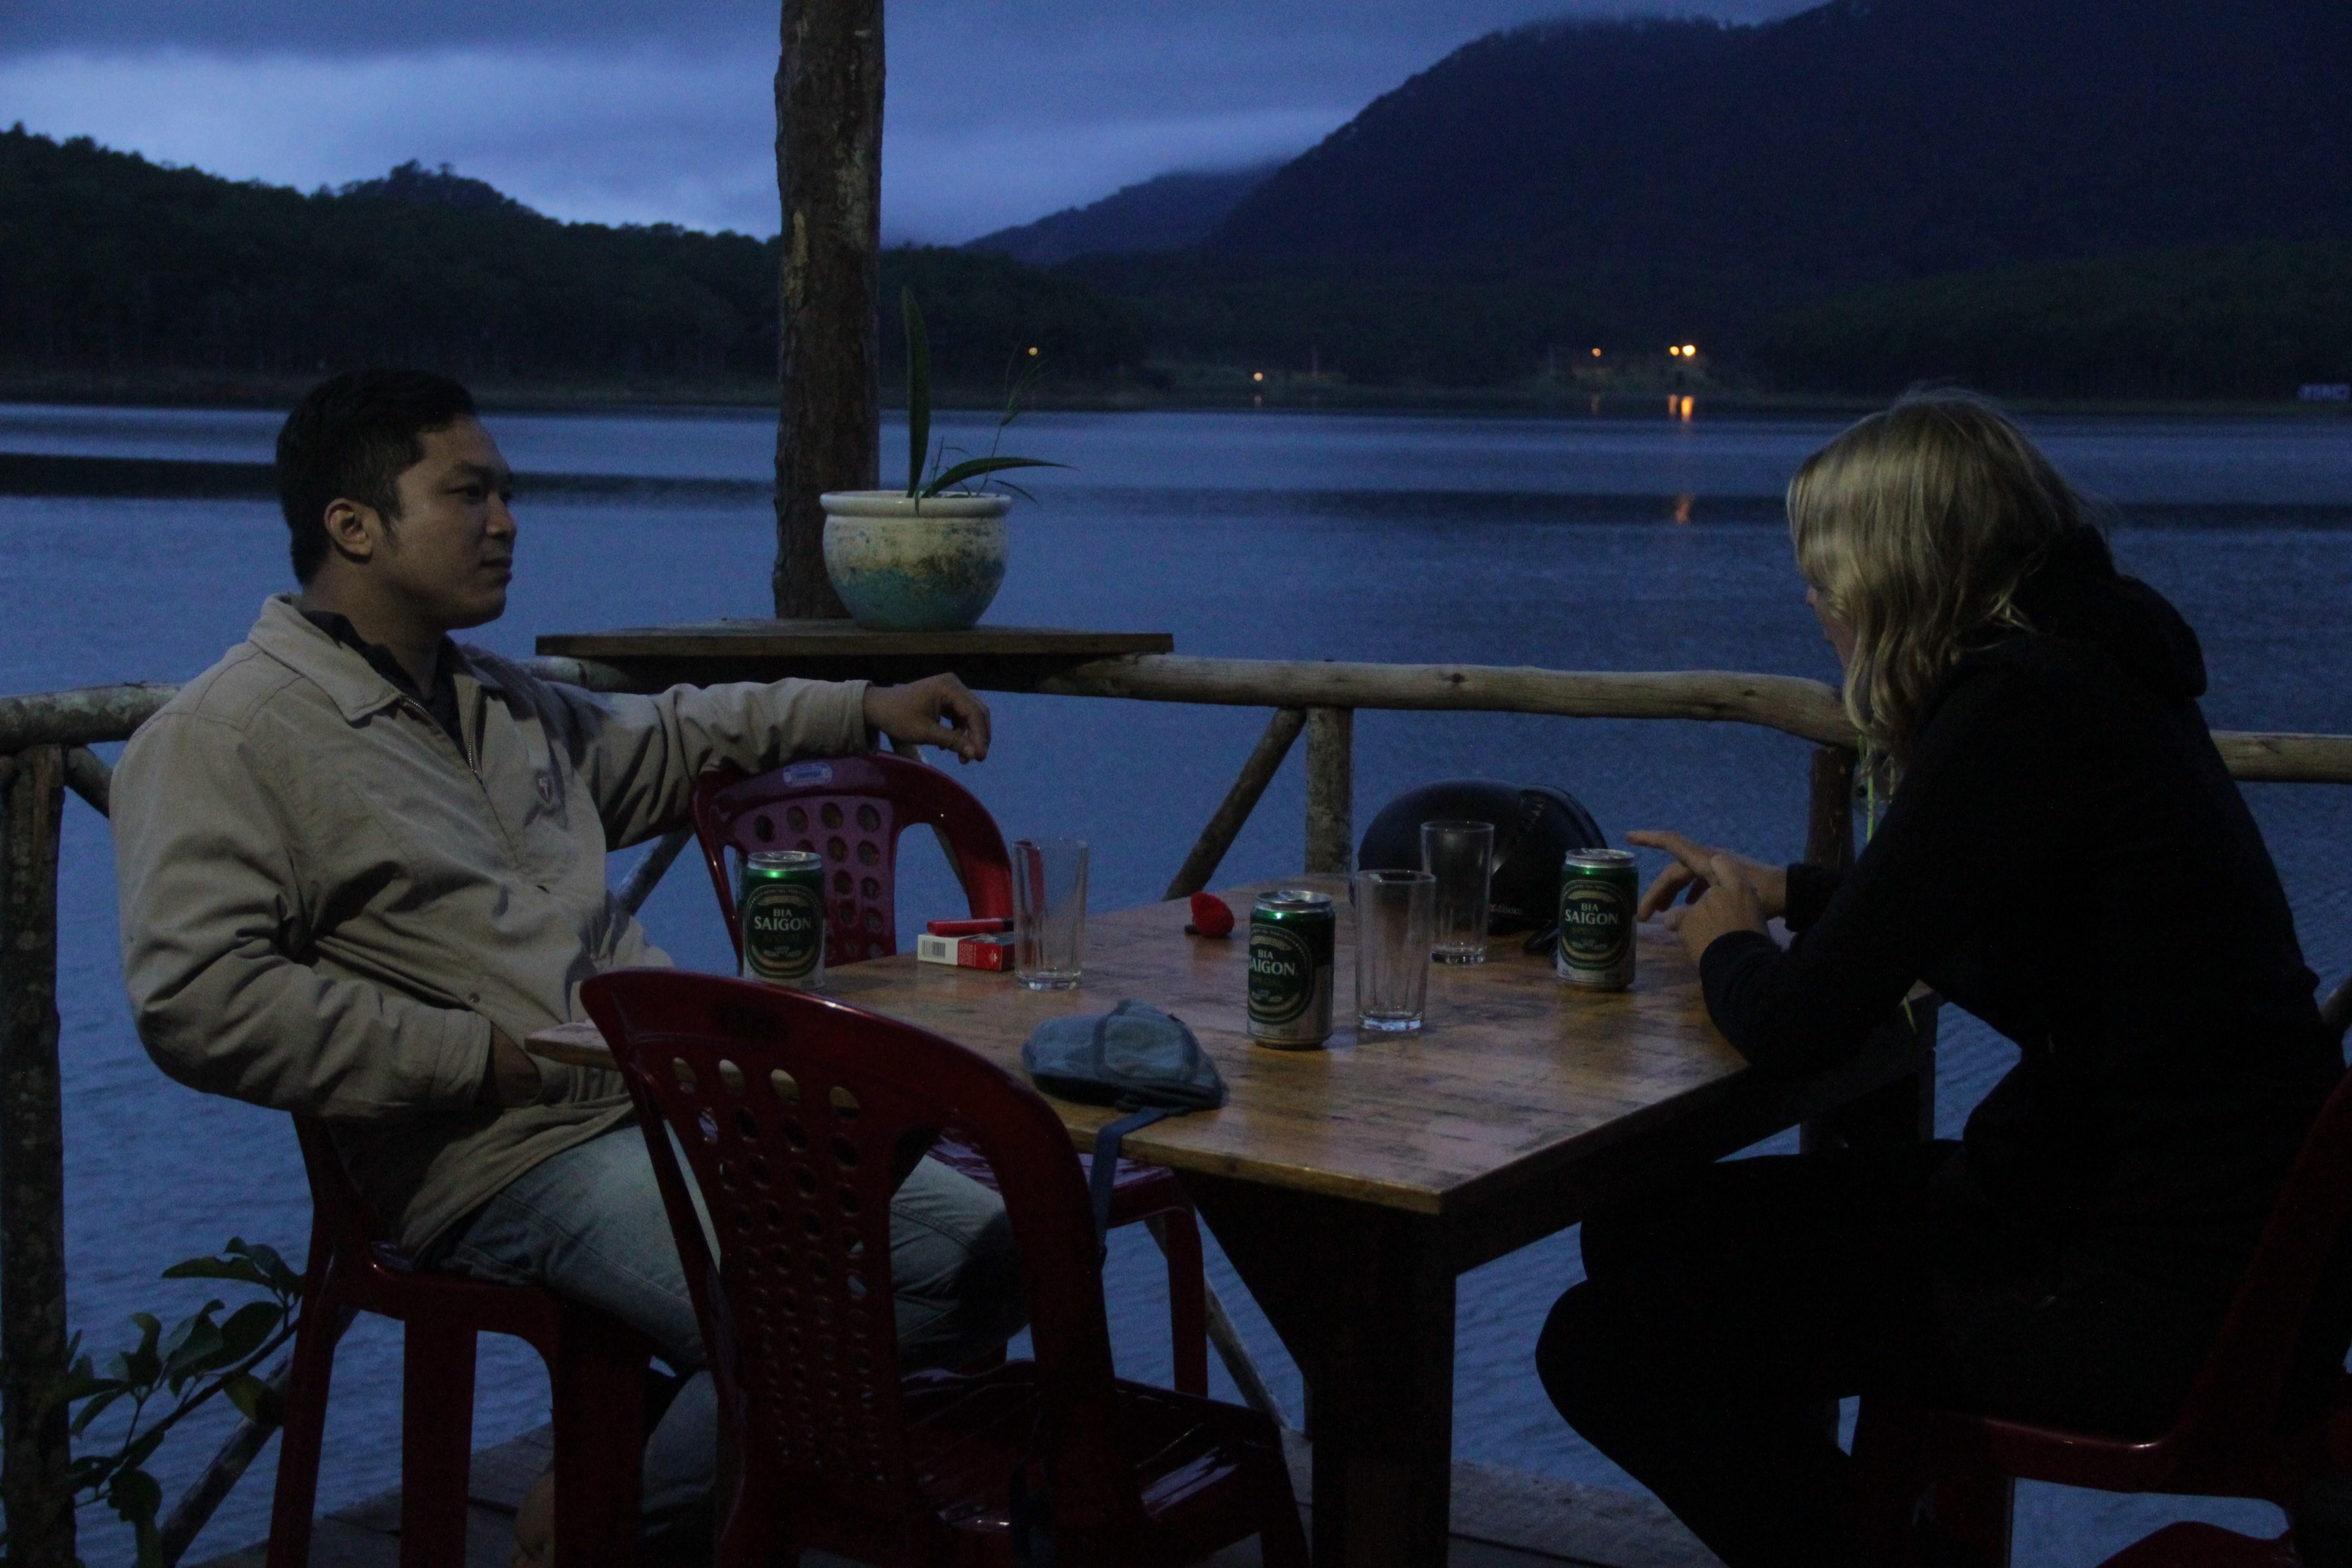 Quand Jason souffre trop de la pression familiale, il s'éclipse pour aller boire quelques verres.